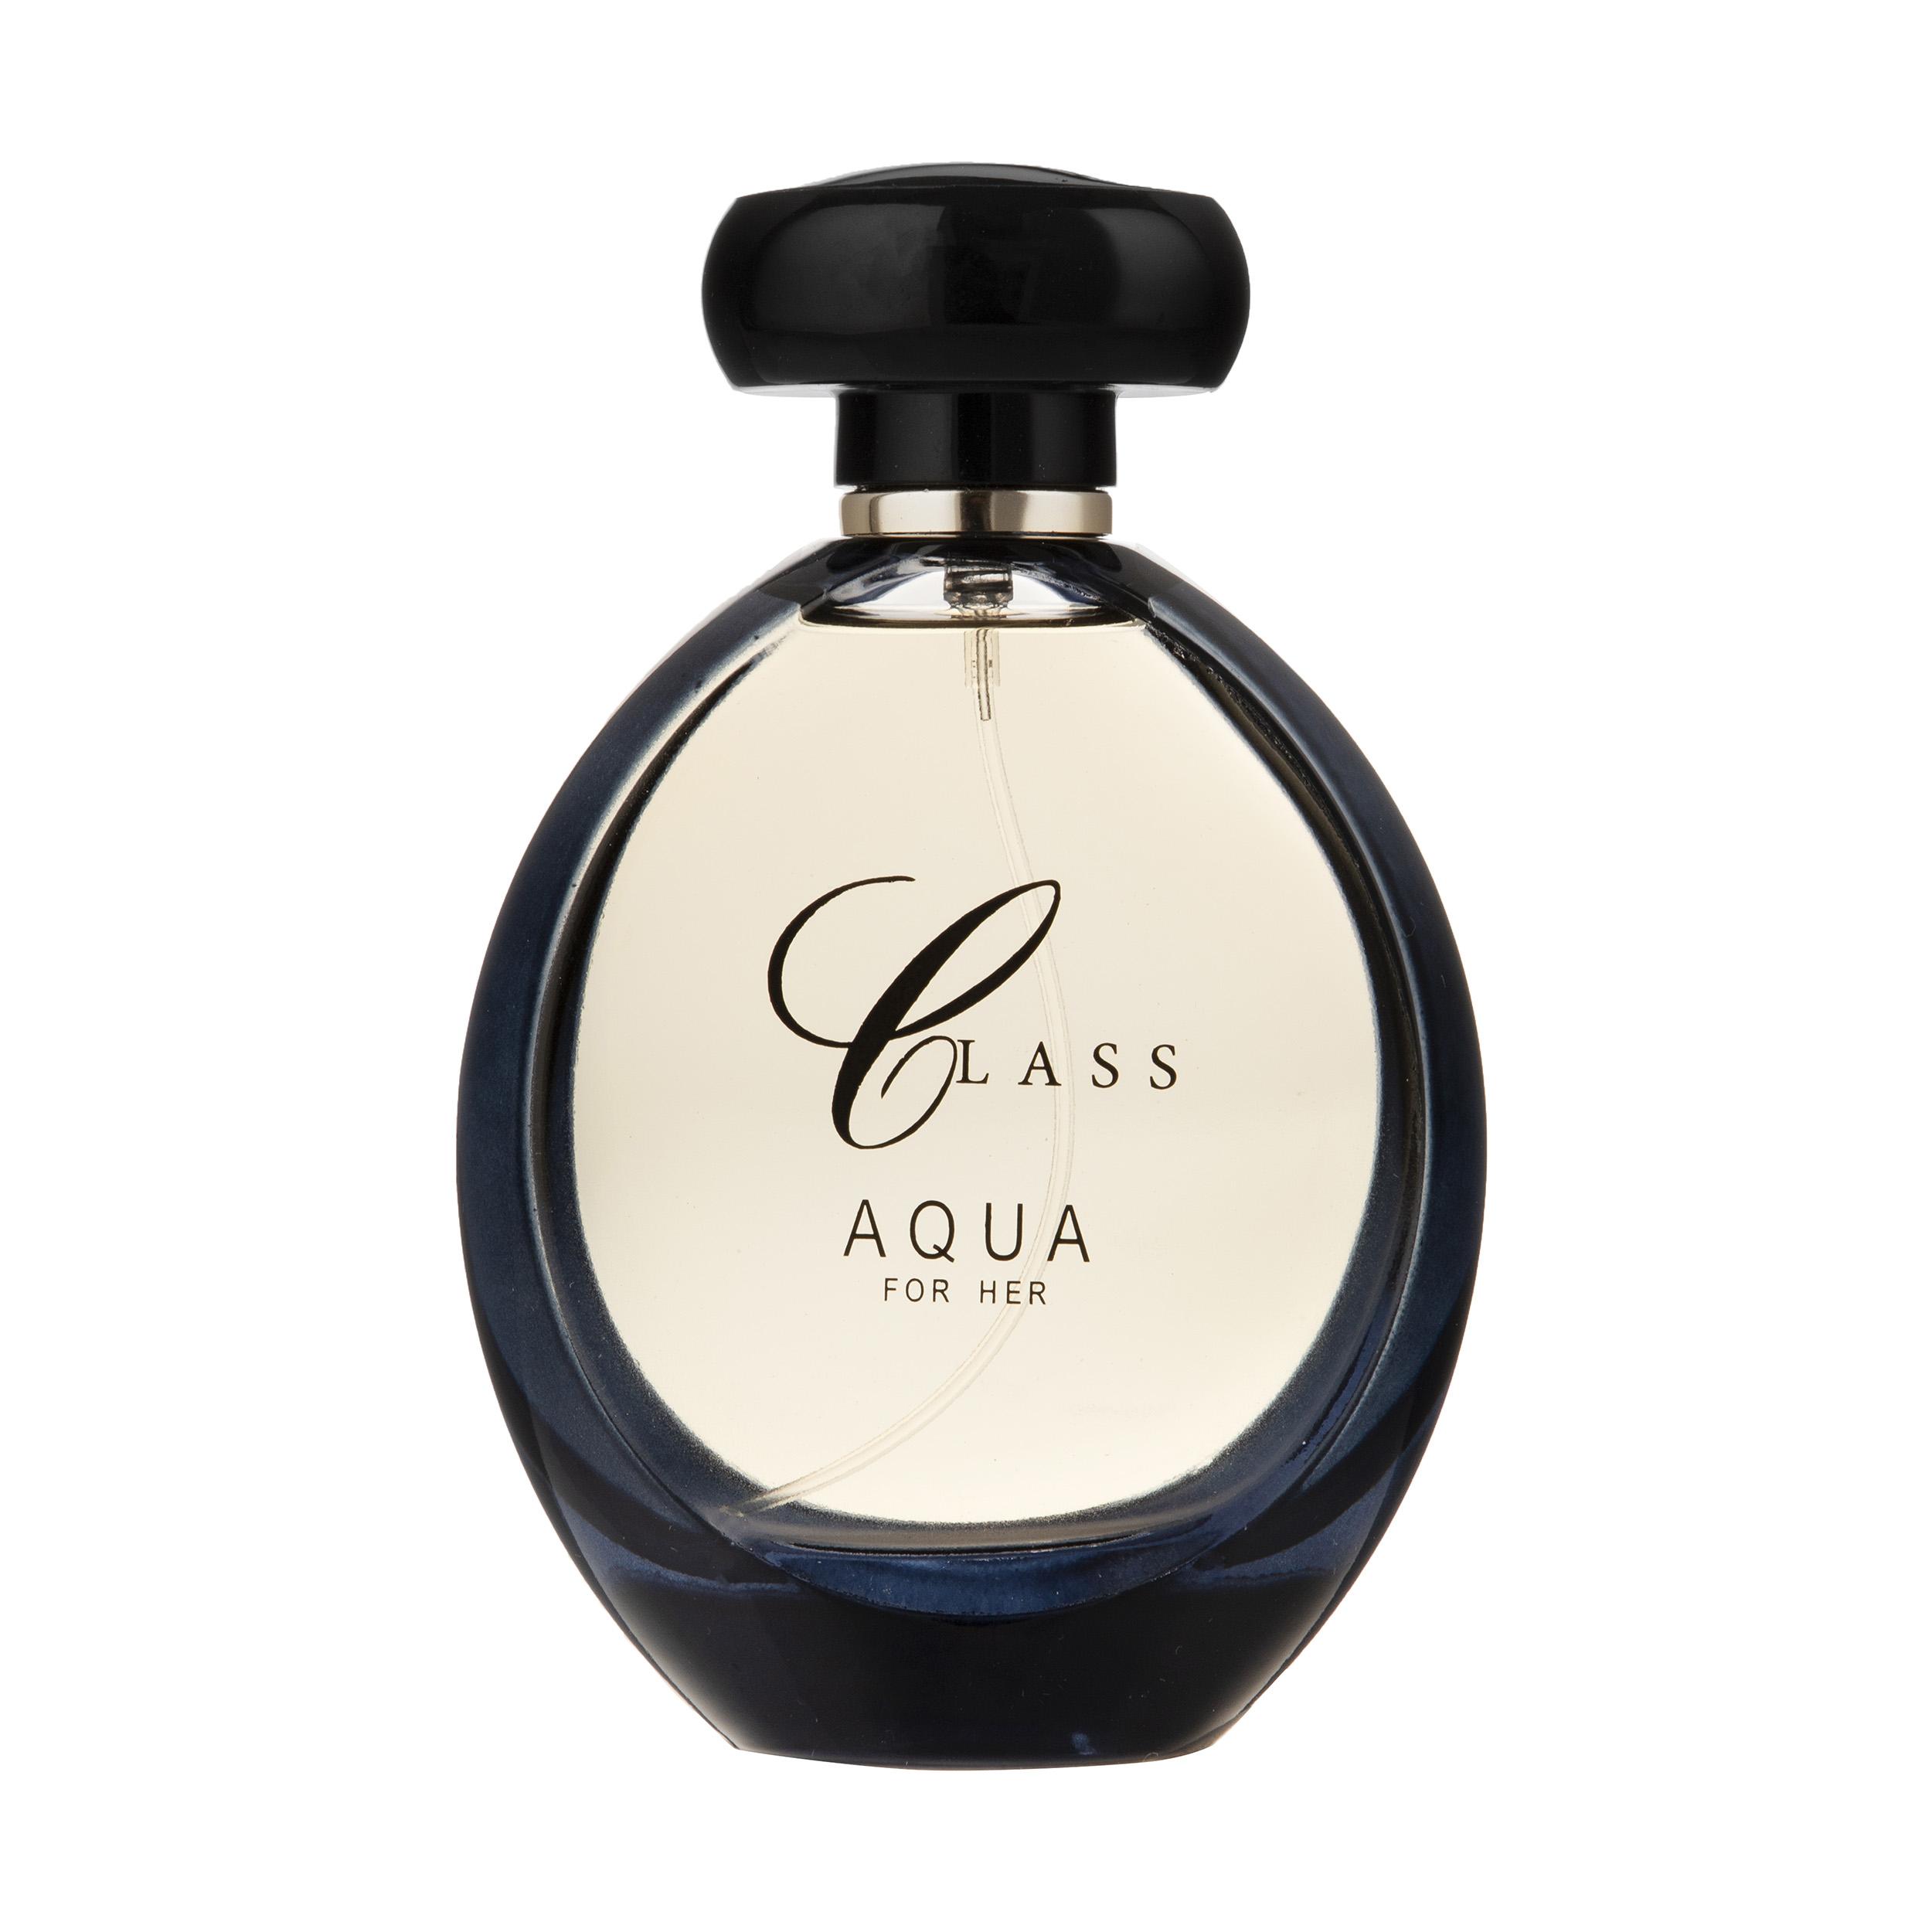 ادوپرفیوم زنانه کلس مدل Aqua Fresh حجم 100 میلی لیتر